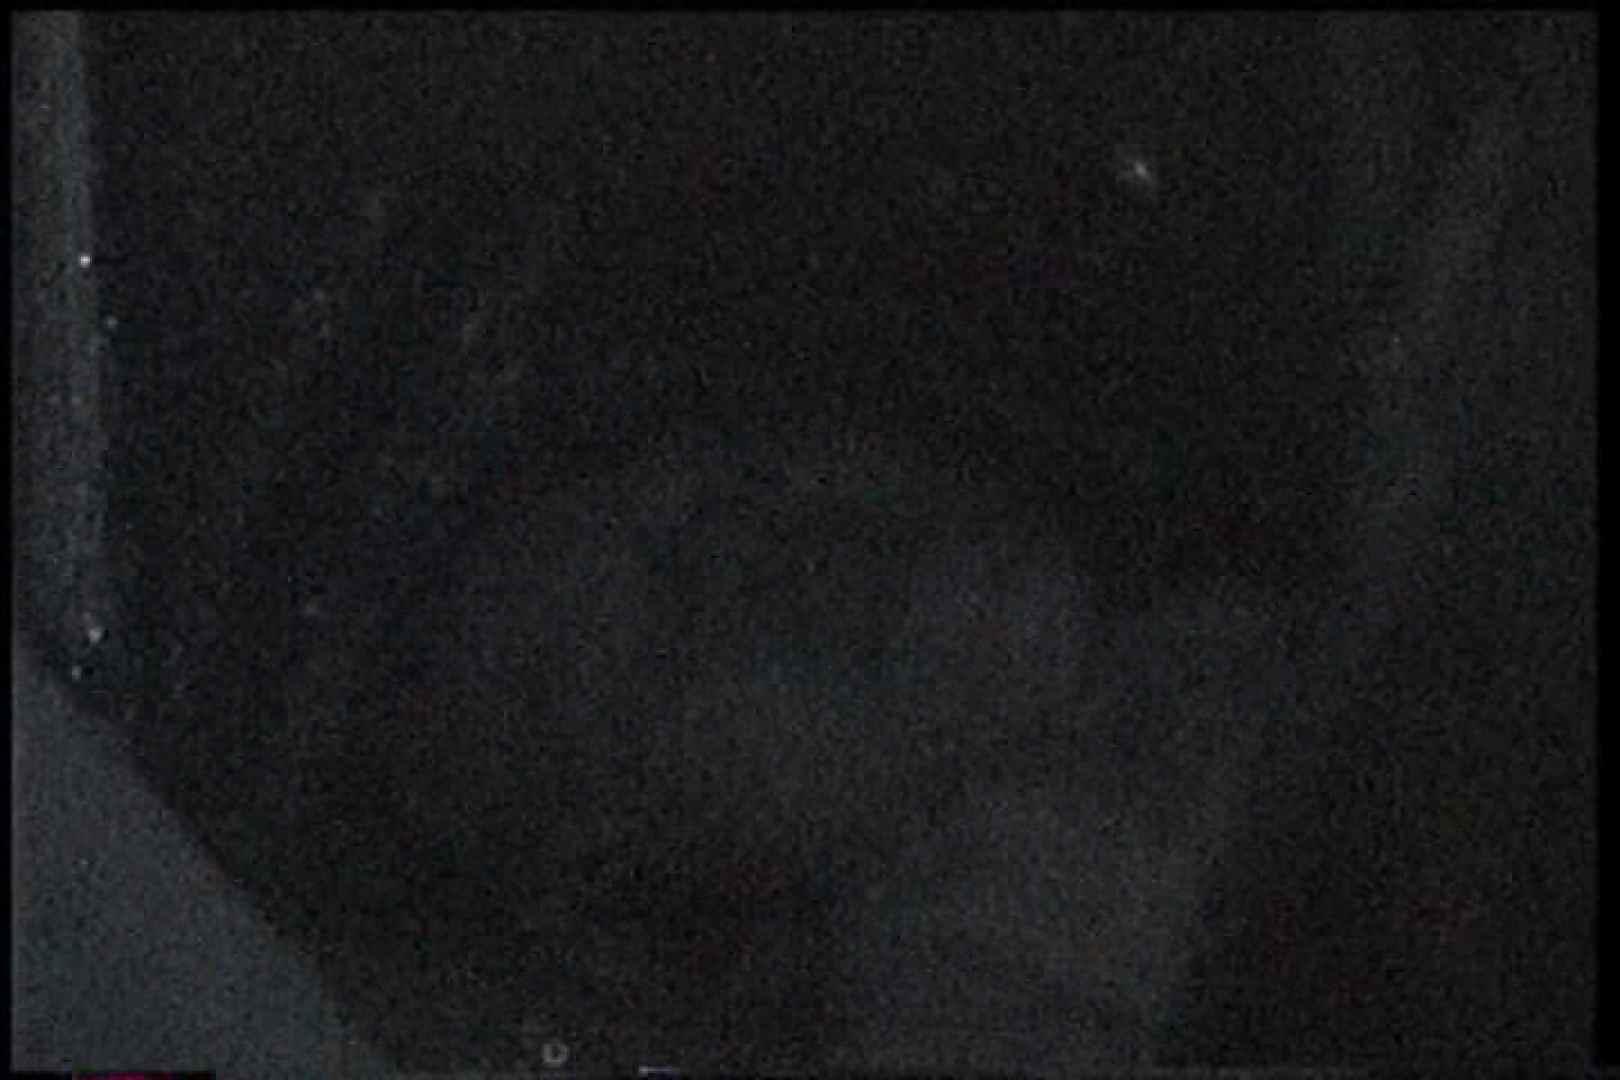 充血監督の深夜の運動会Vol.217 カップル | 独身エッチOL  74pic 58